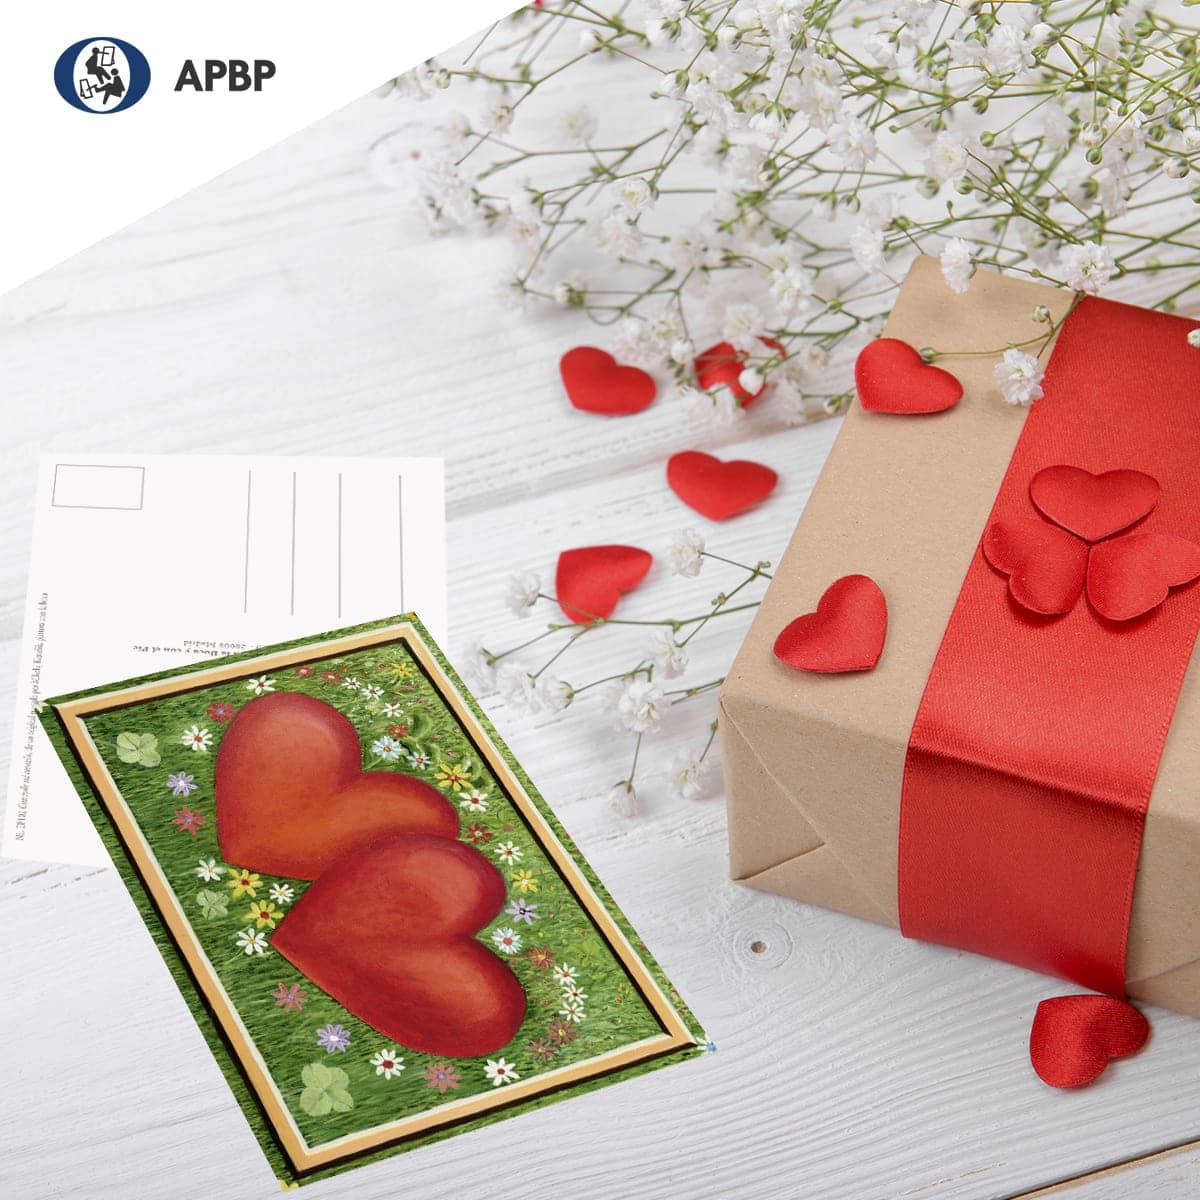 tarjeta para aniversarios y día de los enamorados